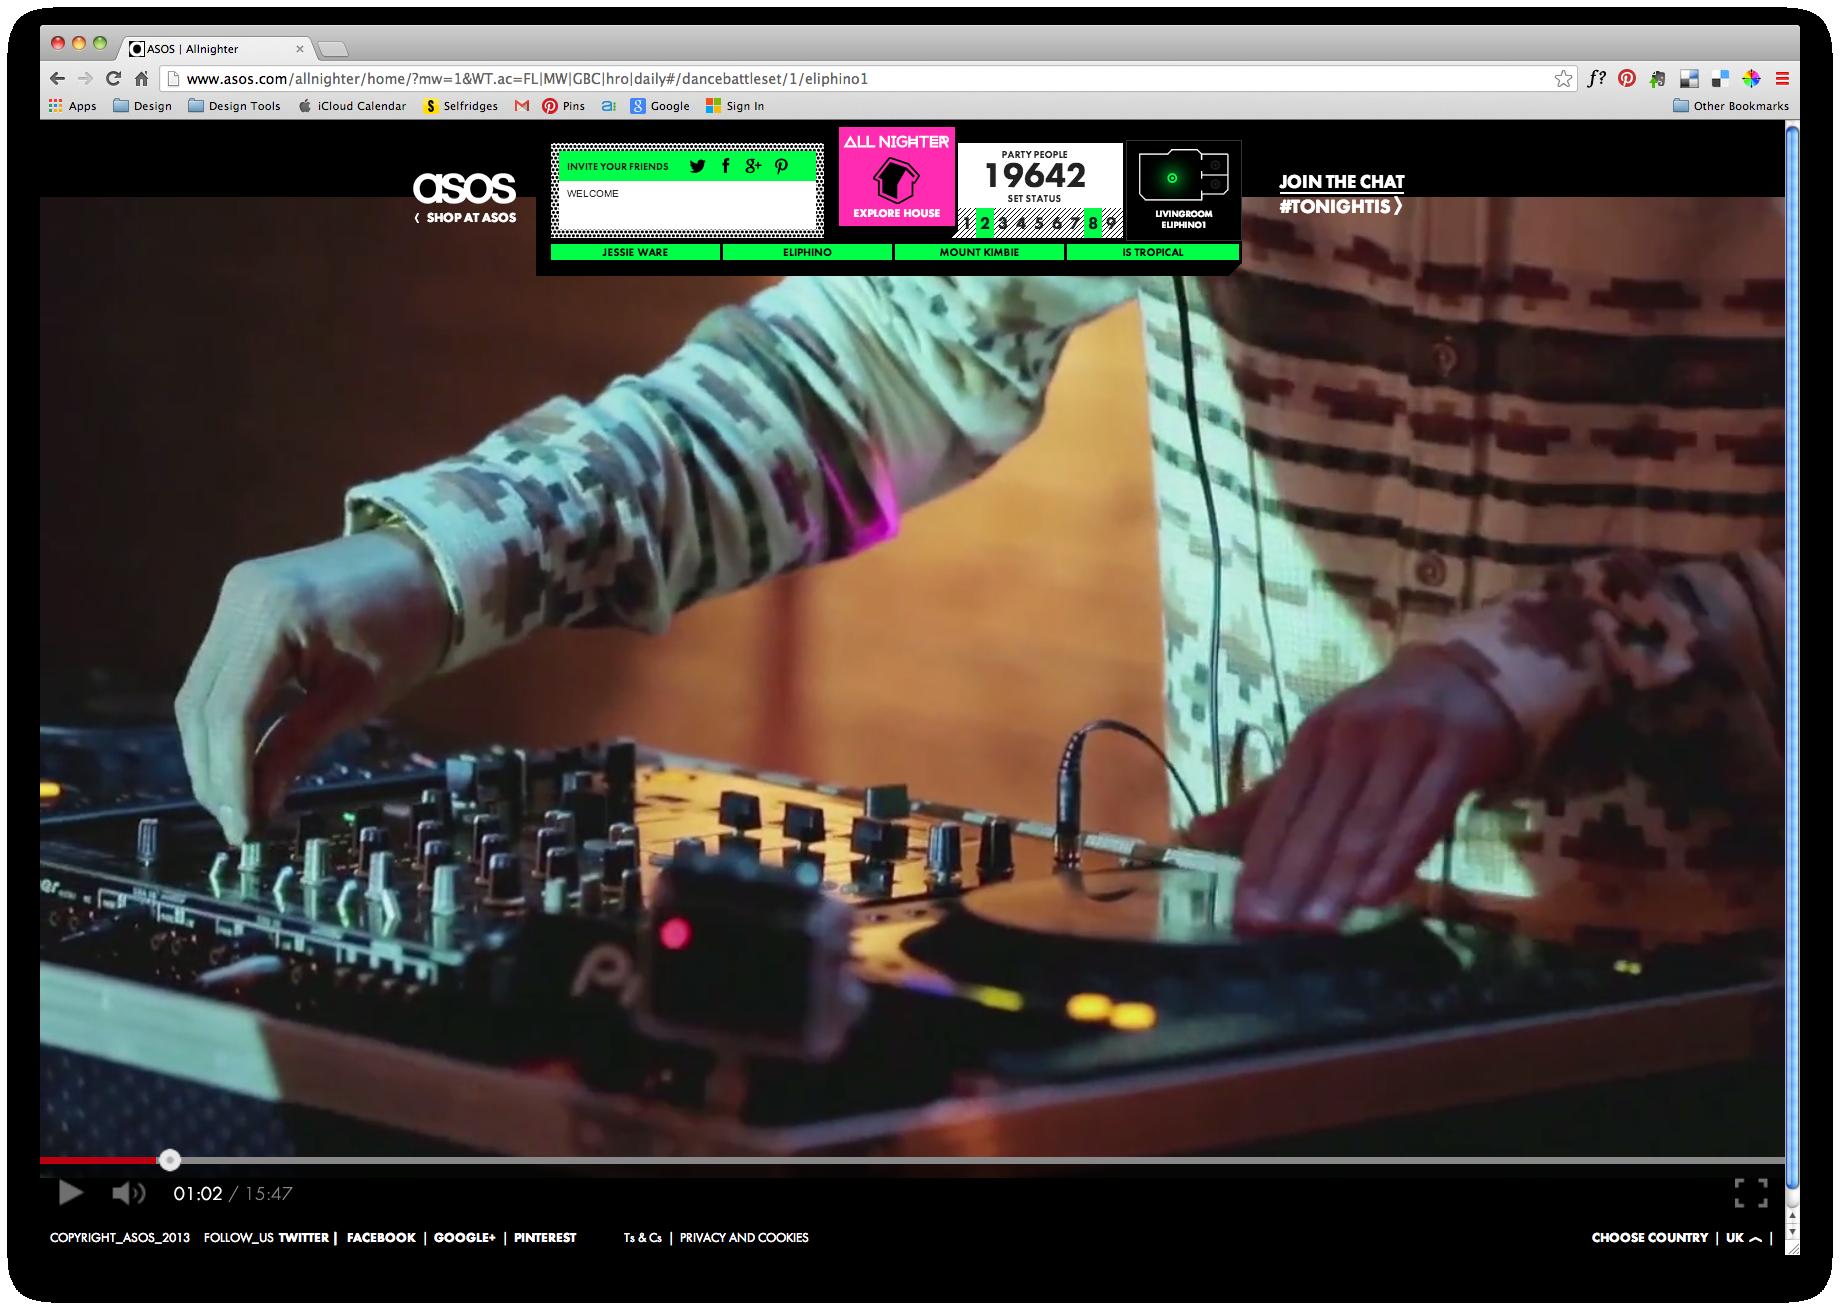 Screen shot 2013-12-12 at 16.39.34